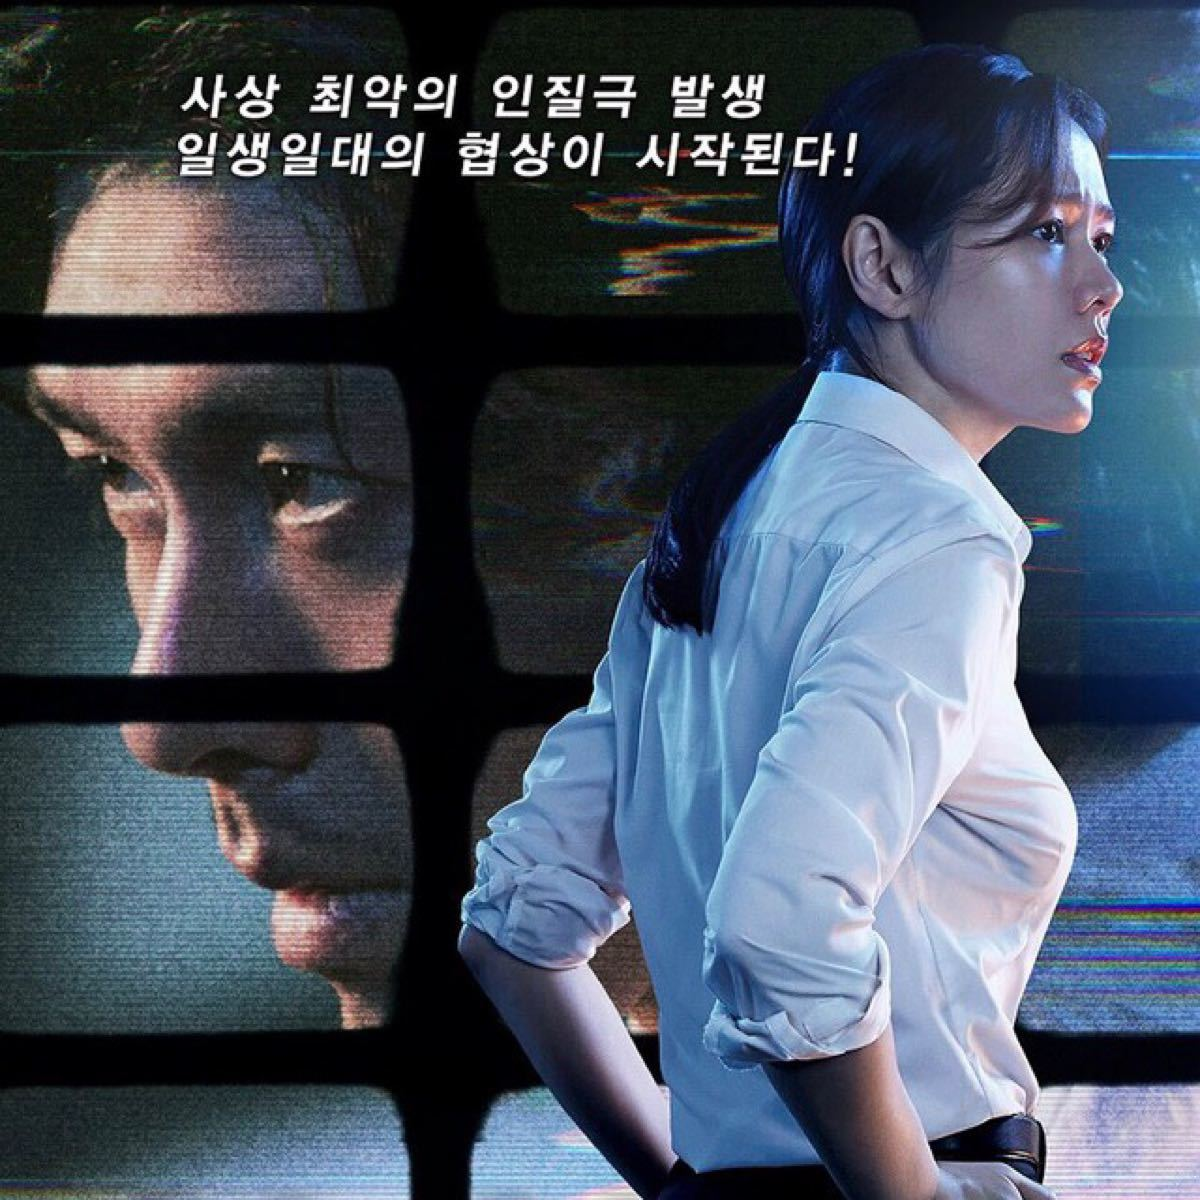 韓国映画  ザ・ネゴシエーション  ヒョンビン  ソン・イェジン  DVD  レーベル有り